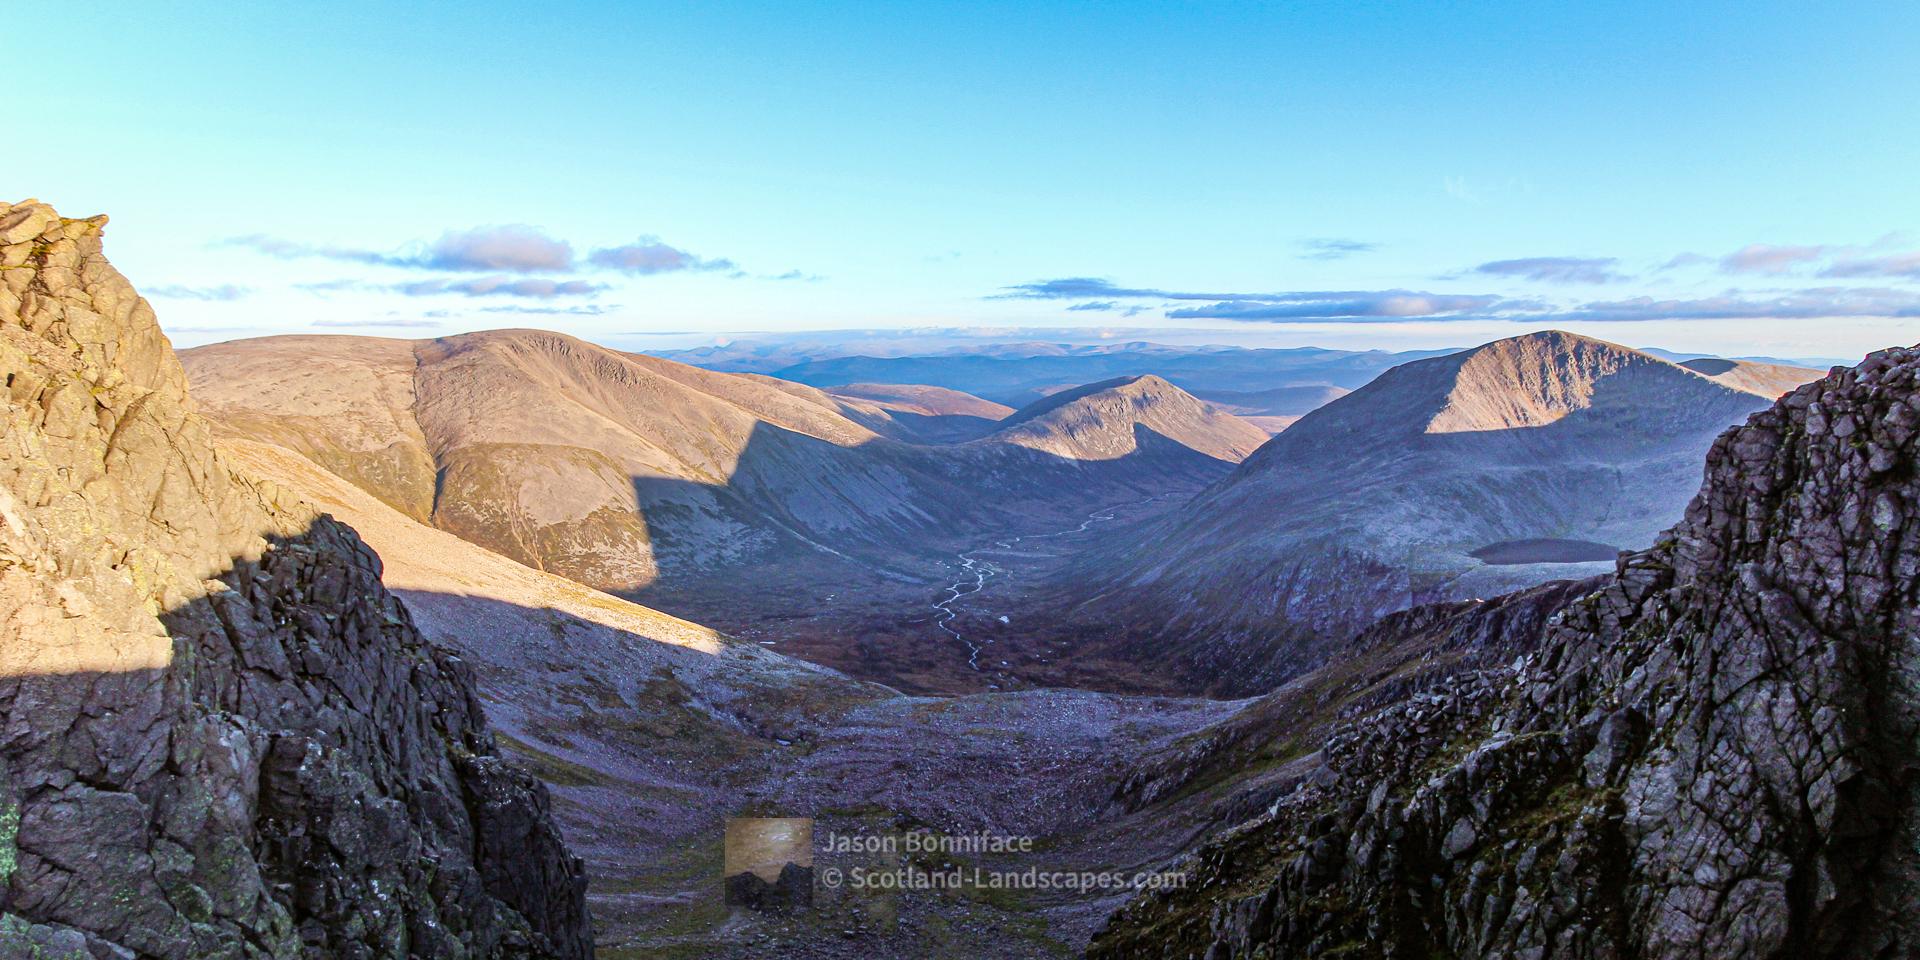 Evening Light, Ben Macdui and Cairn Toul, Cairngorm